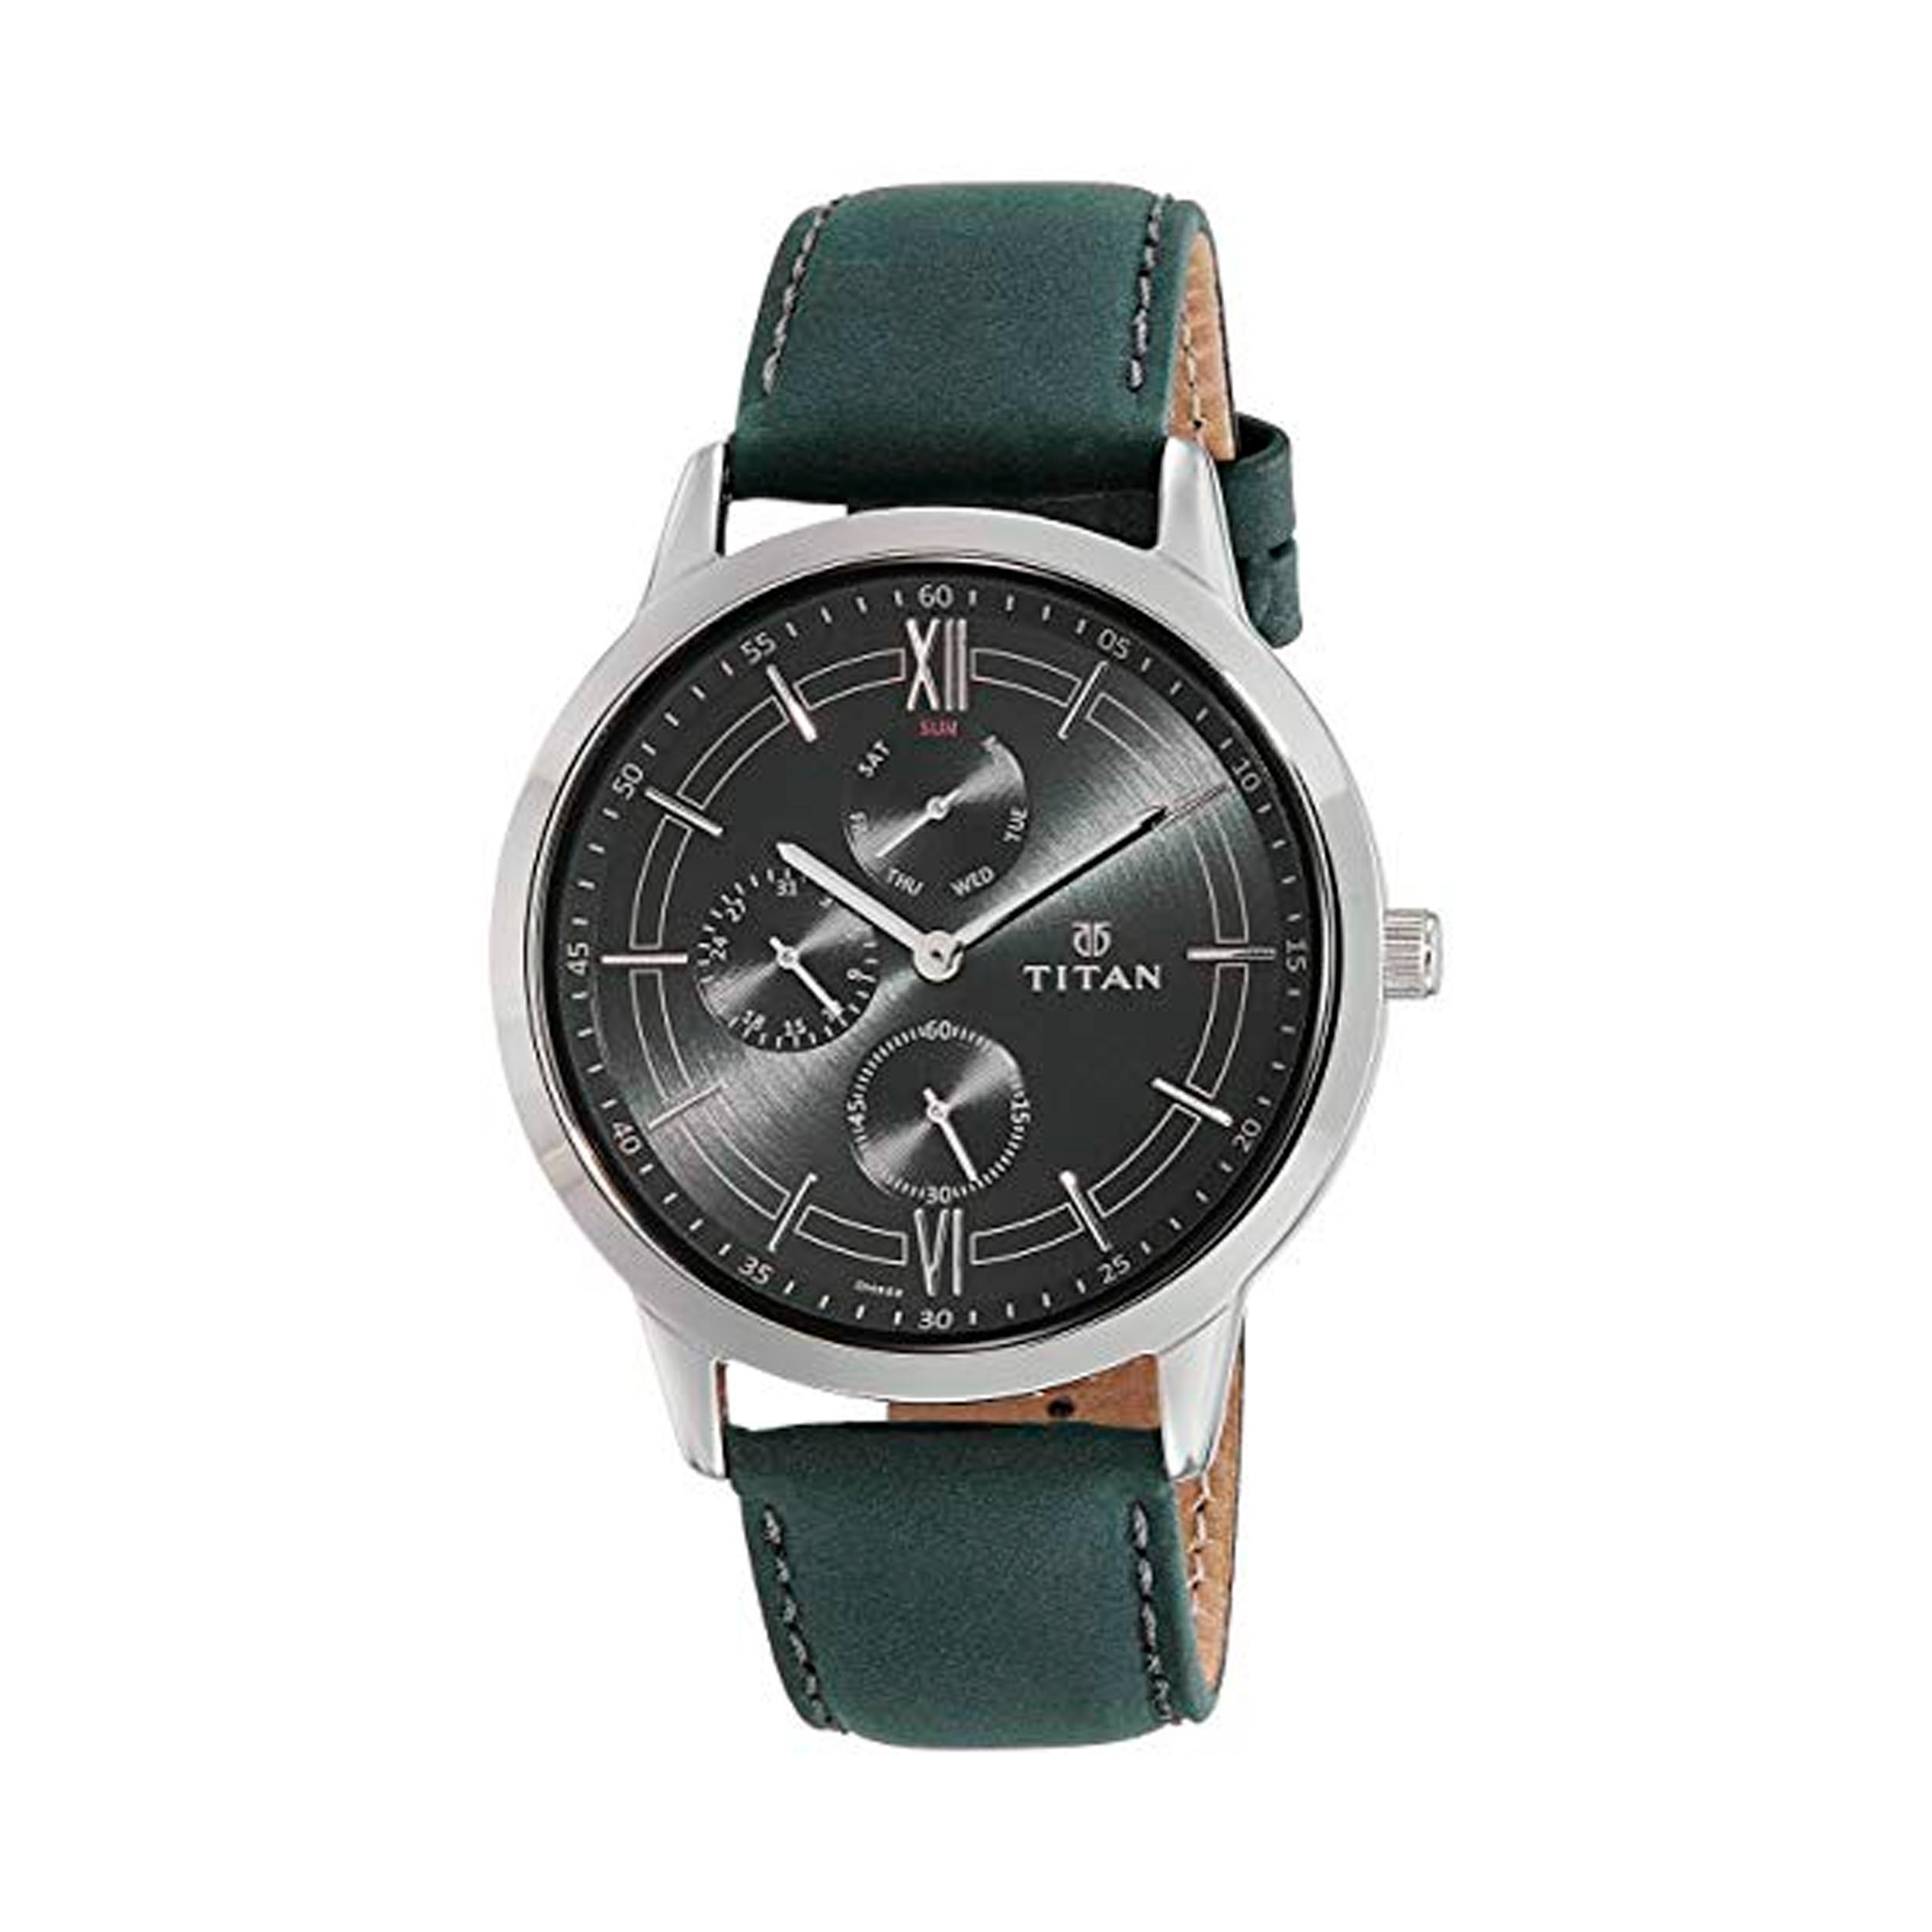 ساعت مچی عقربه ای مردانه تیتان مدل T1769SL05